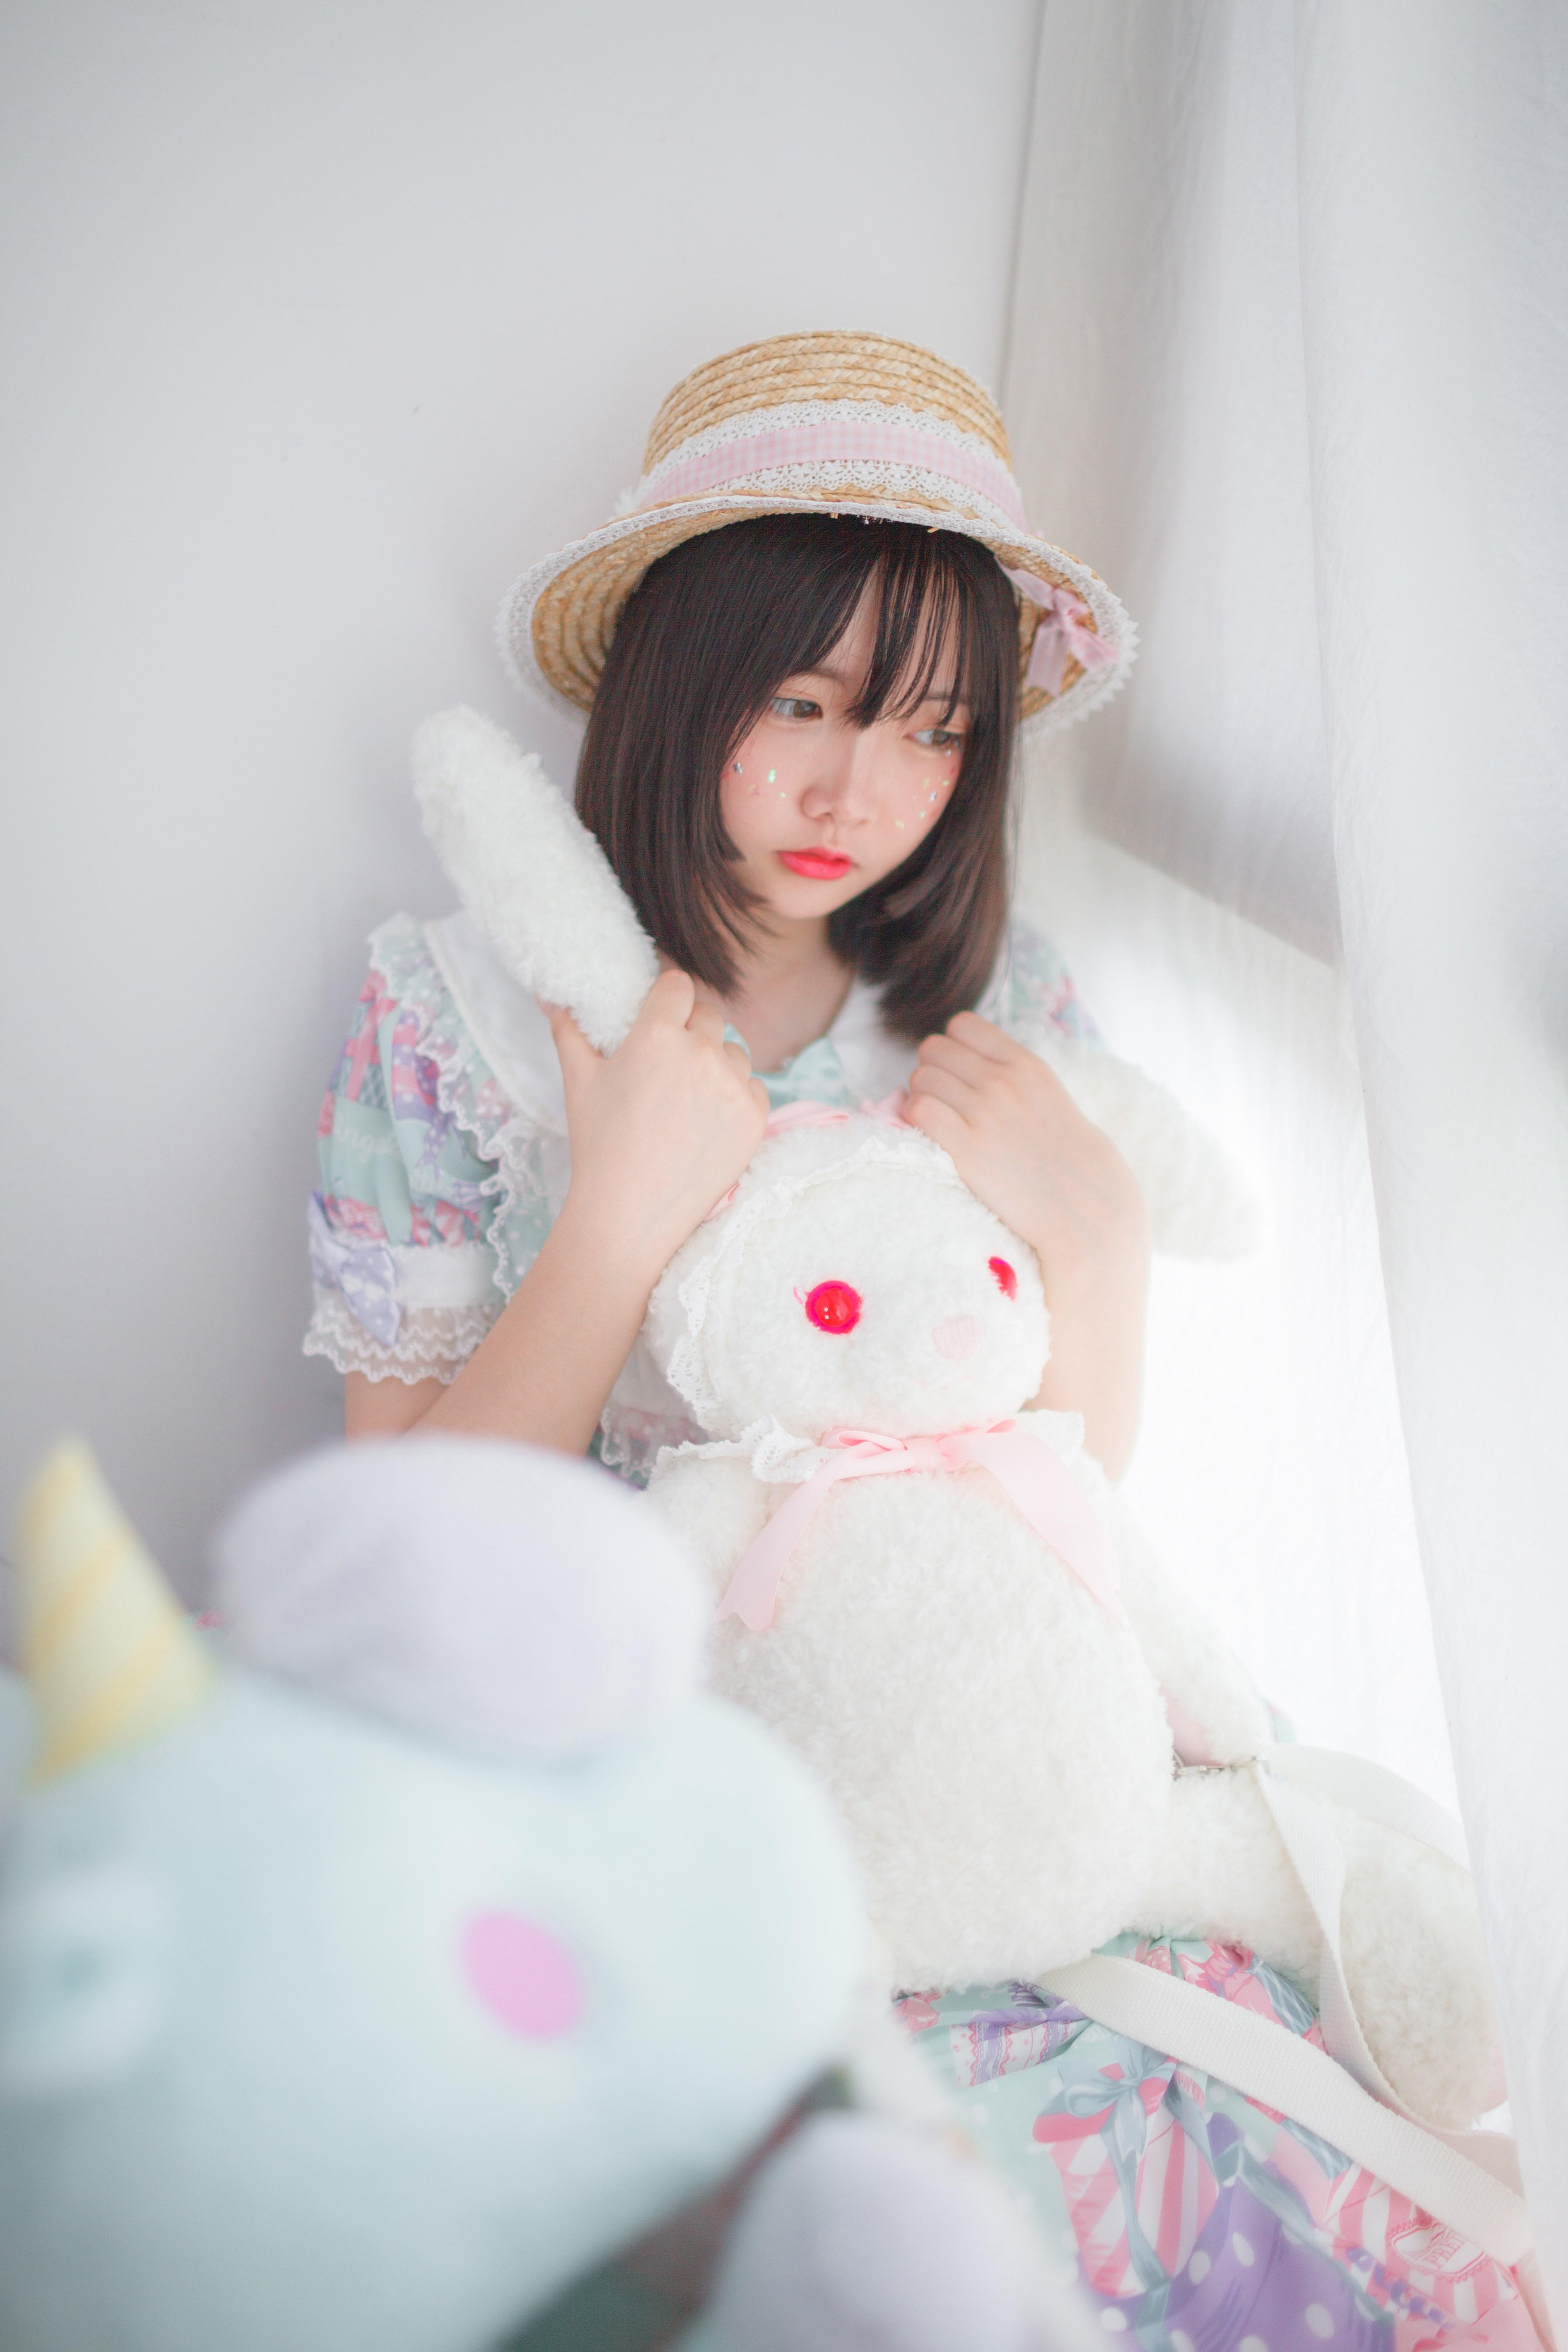 【兔玩映画】软萌小萝莉 兔玩映画 第7张